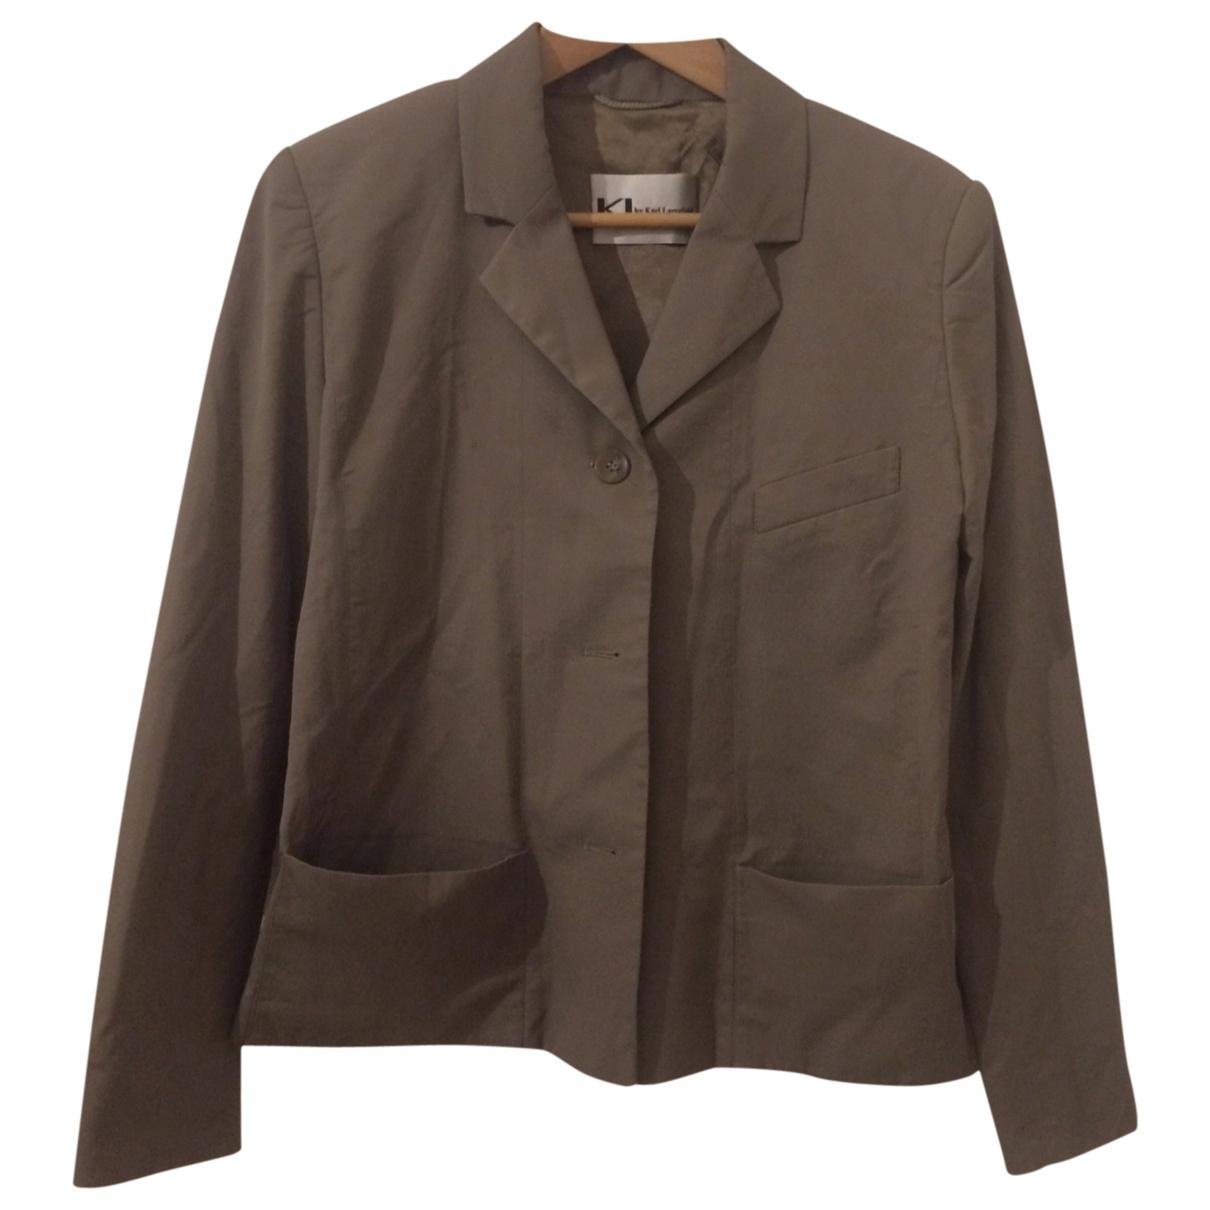 Karl Lagerfeld \N Beige Cotton jacket for Women 38 FR